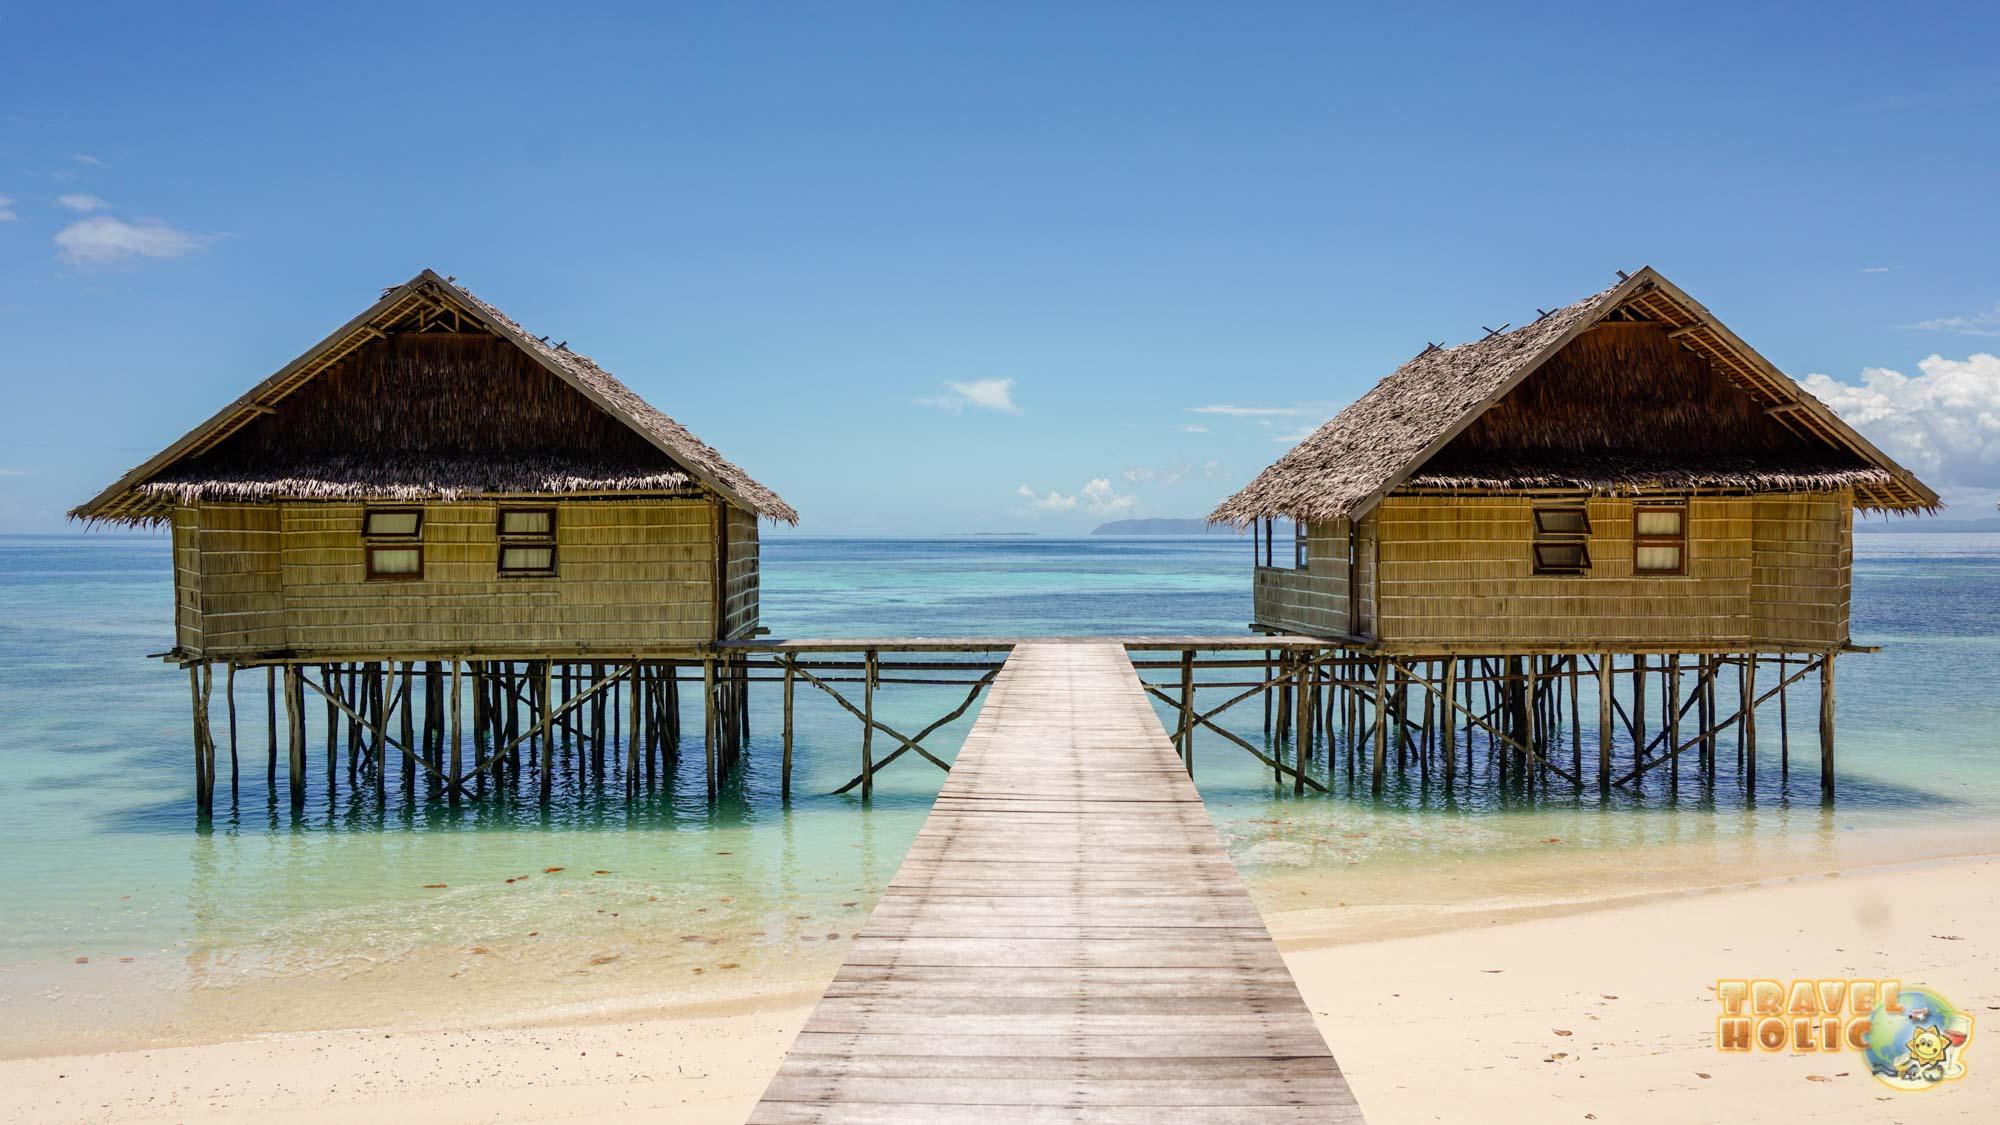 Les villas du Papua Paradise, à Raja Ampat